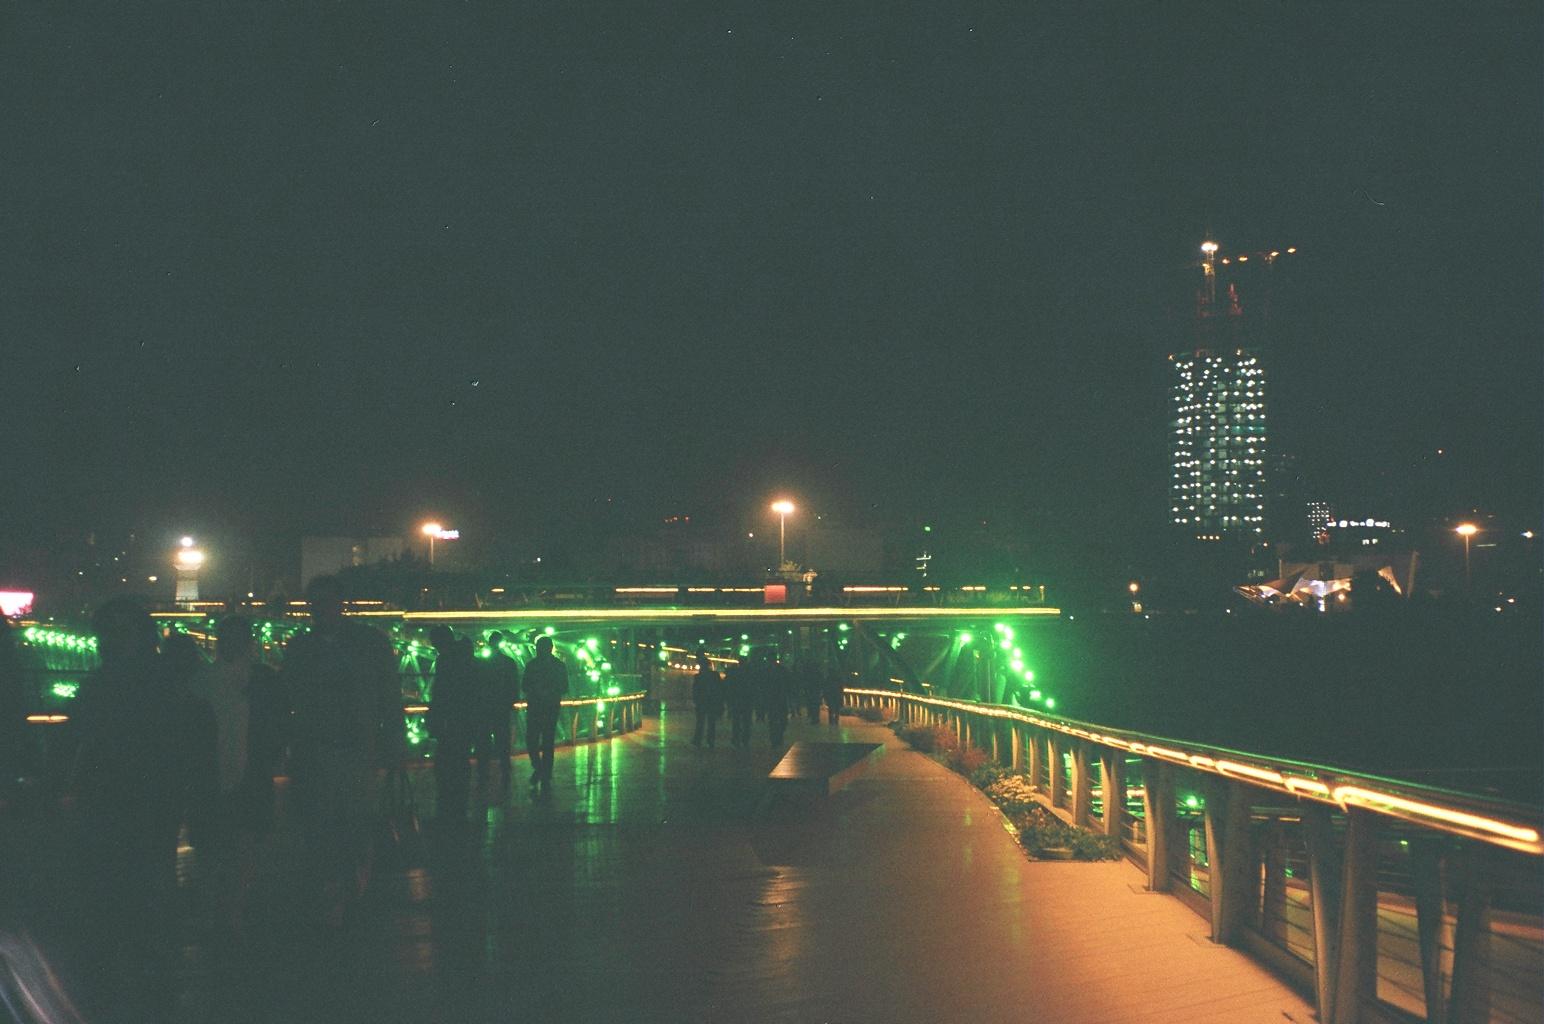 Tabiat bridge, Teheran, Iran. Fot. S.Dimtchev